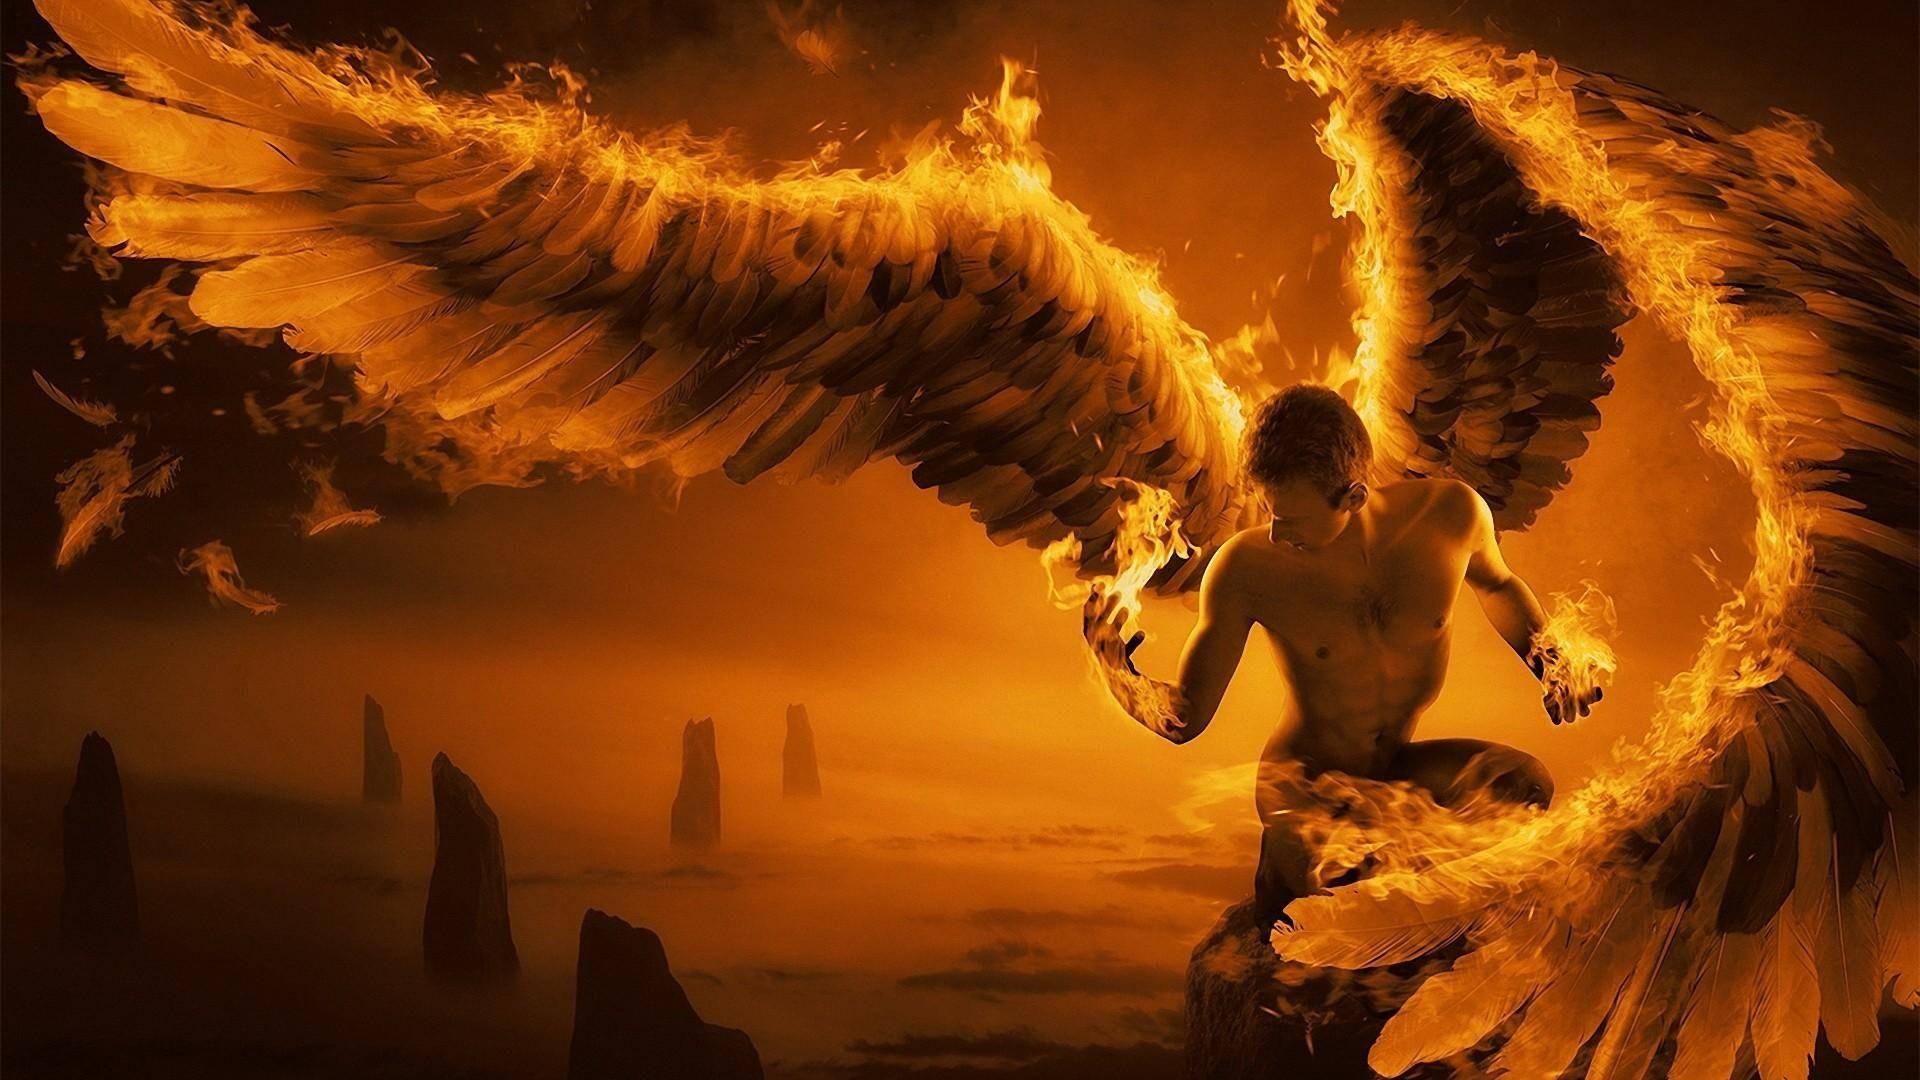 Full HD 1080p Angel Wallpapers HD, Desktop Backgrounds 1920x1080 | angels in 2019 | Angel fire ...